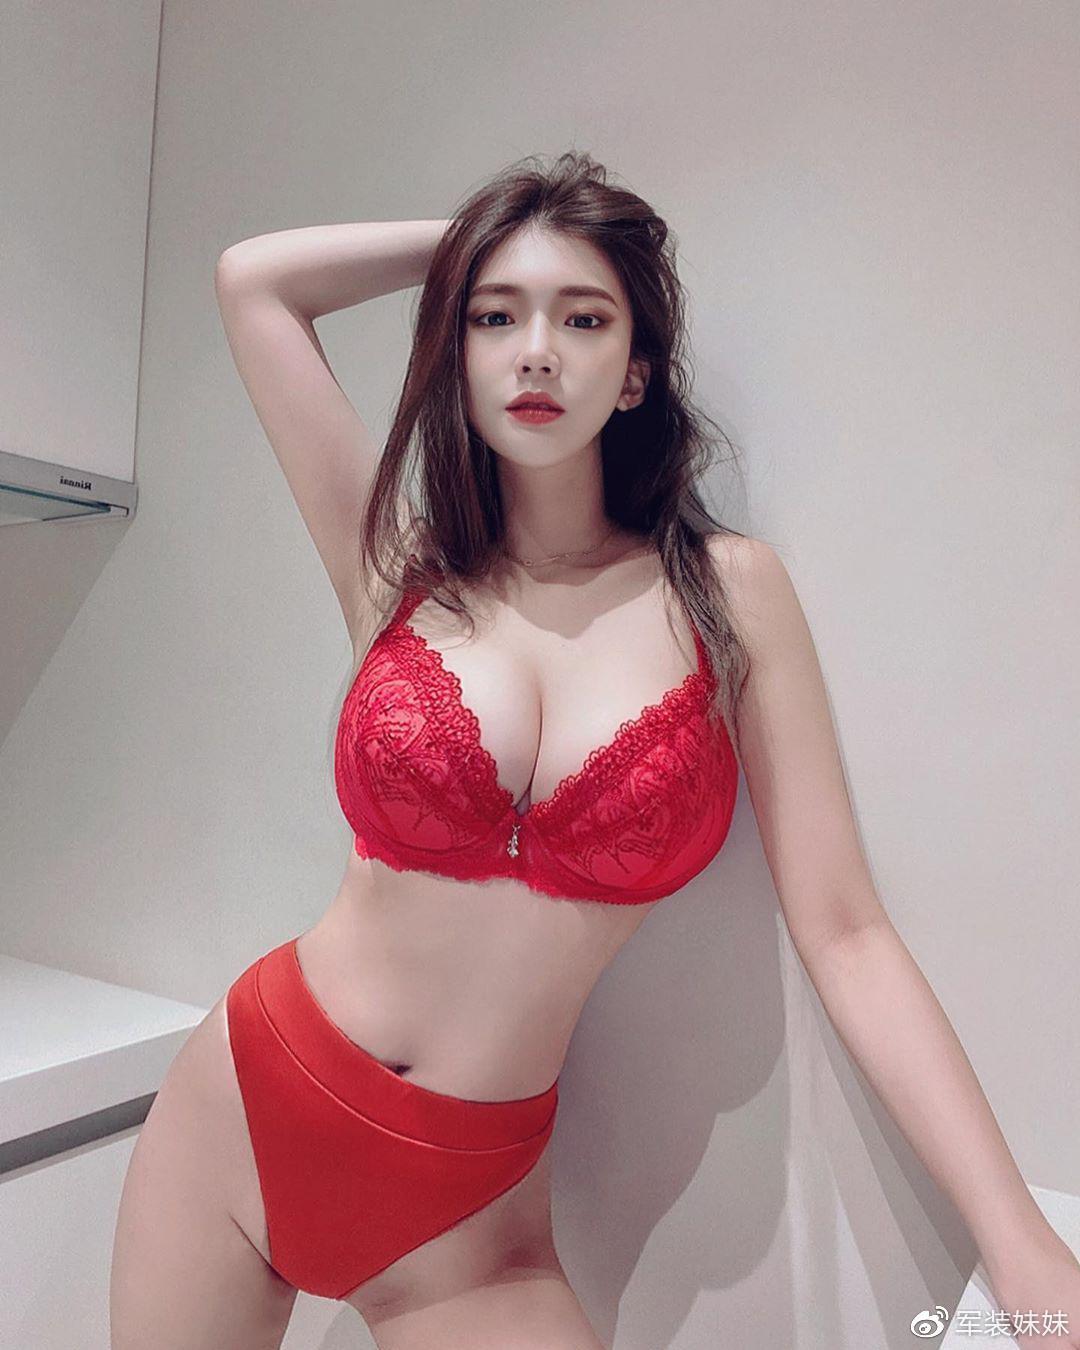 超胸台妹谢薇安-ins图包[583P]张昊翔博客